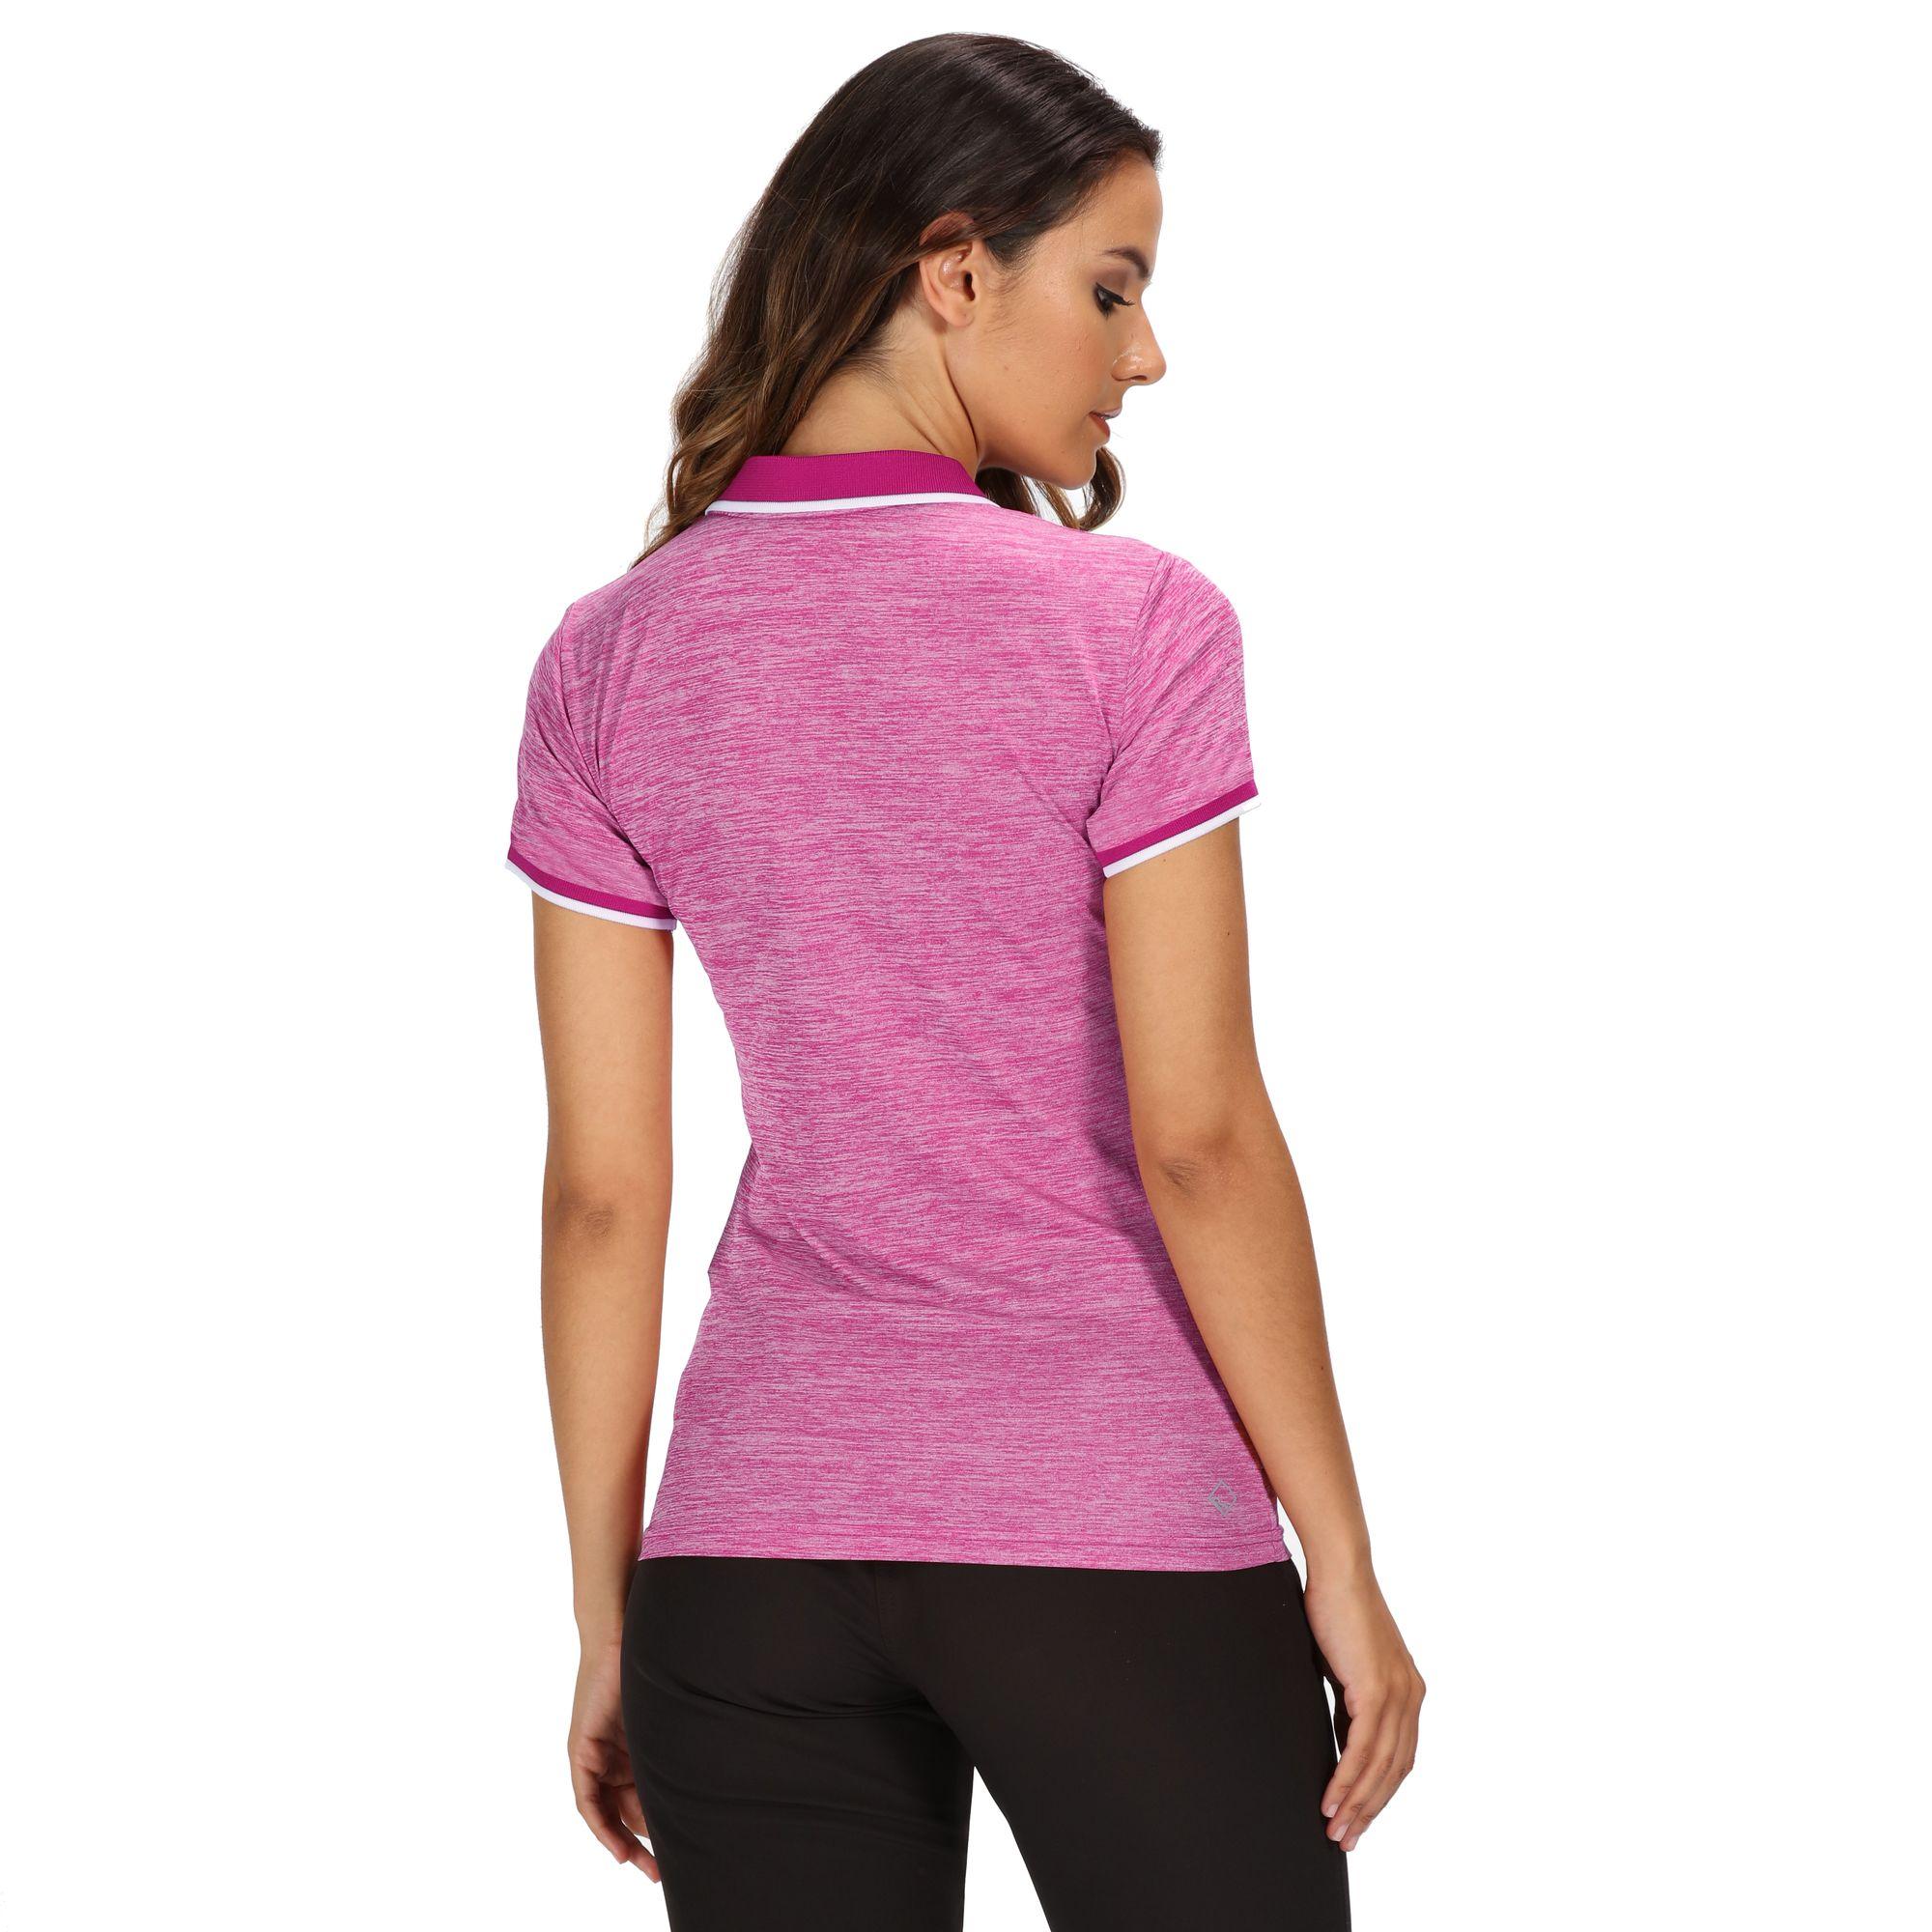 Regatta-Womens-Ladies-Remex-II-Polo-Neck-T-Shirt-RG4477 thumbnail 11